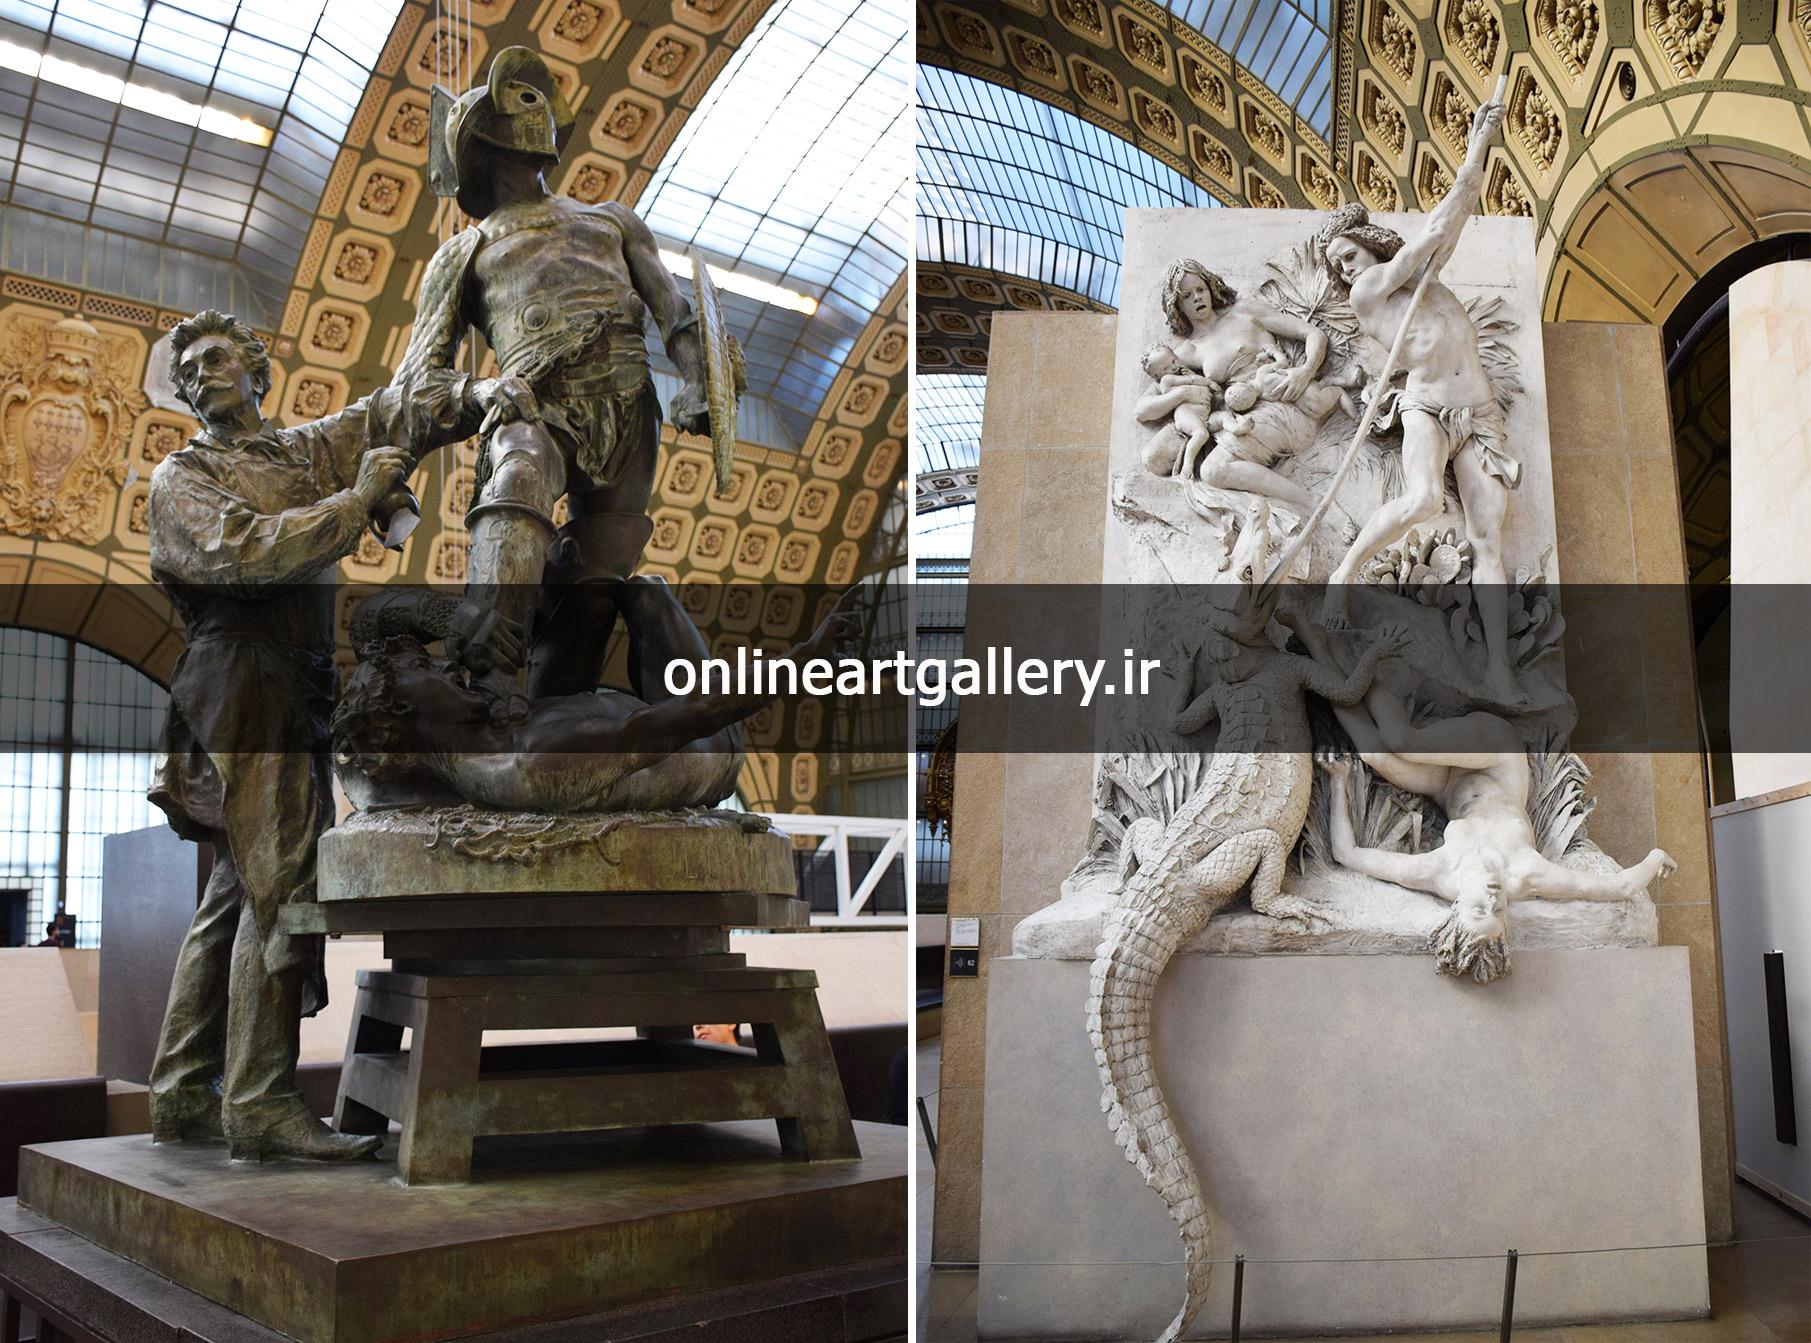 گزارش تصویری مجسمه های موزه اورسی پاریس(بخش ششم)